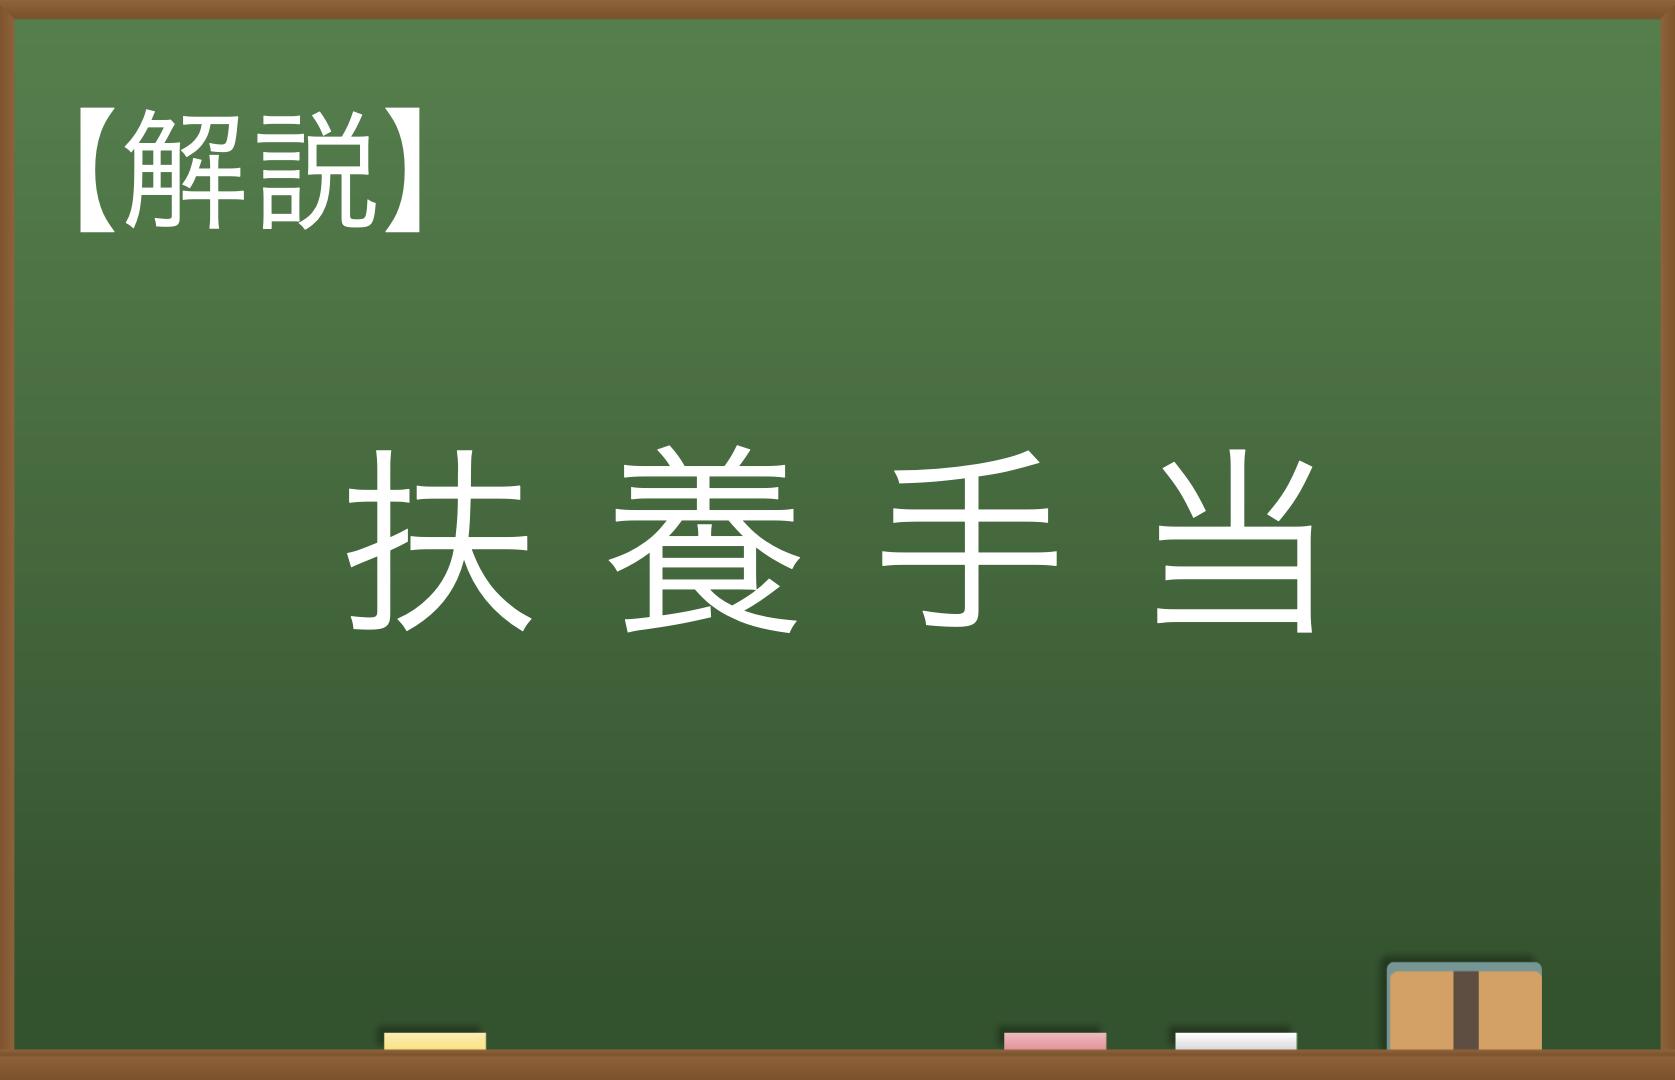 【解説】地方公務員の扶養手当をわかりやすく解説(要件・金額・届出)